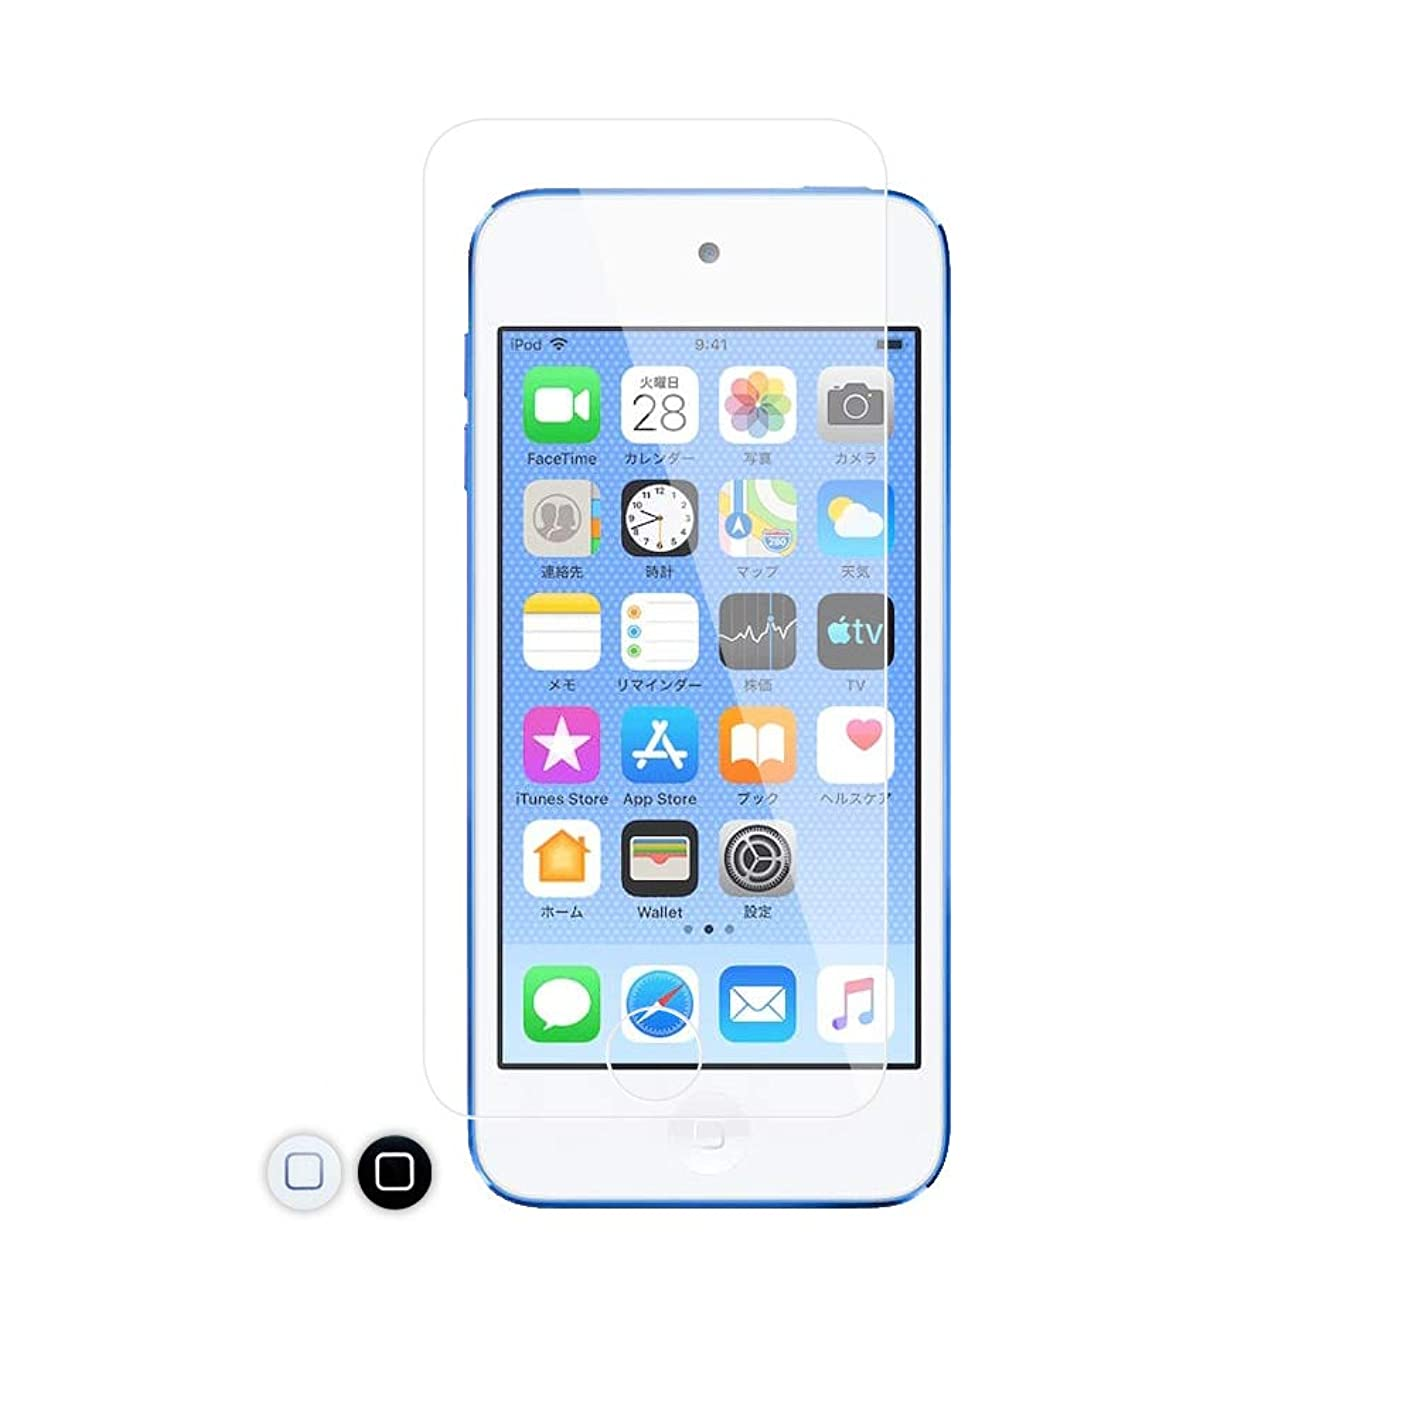 ジム道を作る蒸発するクロスフォレスト iPod touch 7 (6/5) 世代用 ガラスフィルム 樹脂製ホームボタンカバー付 液晶保護フィルム CF-GHIPT5